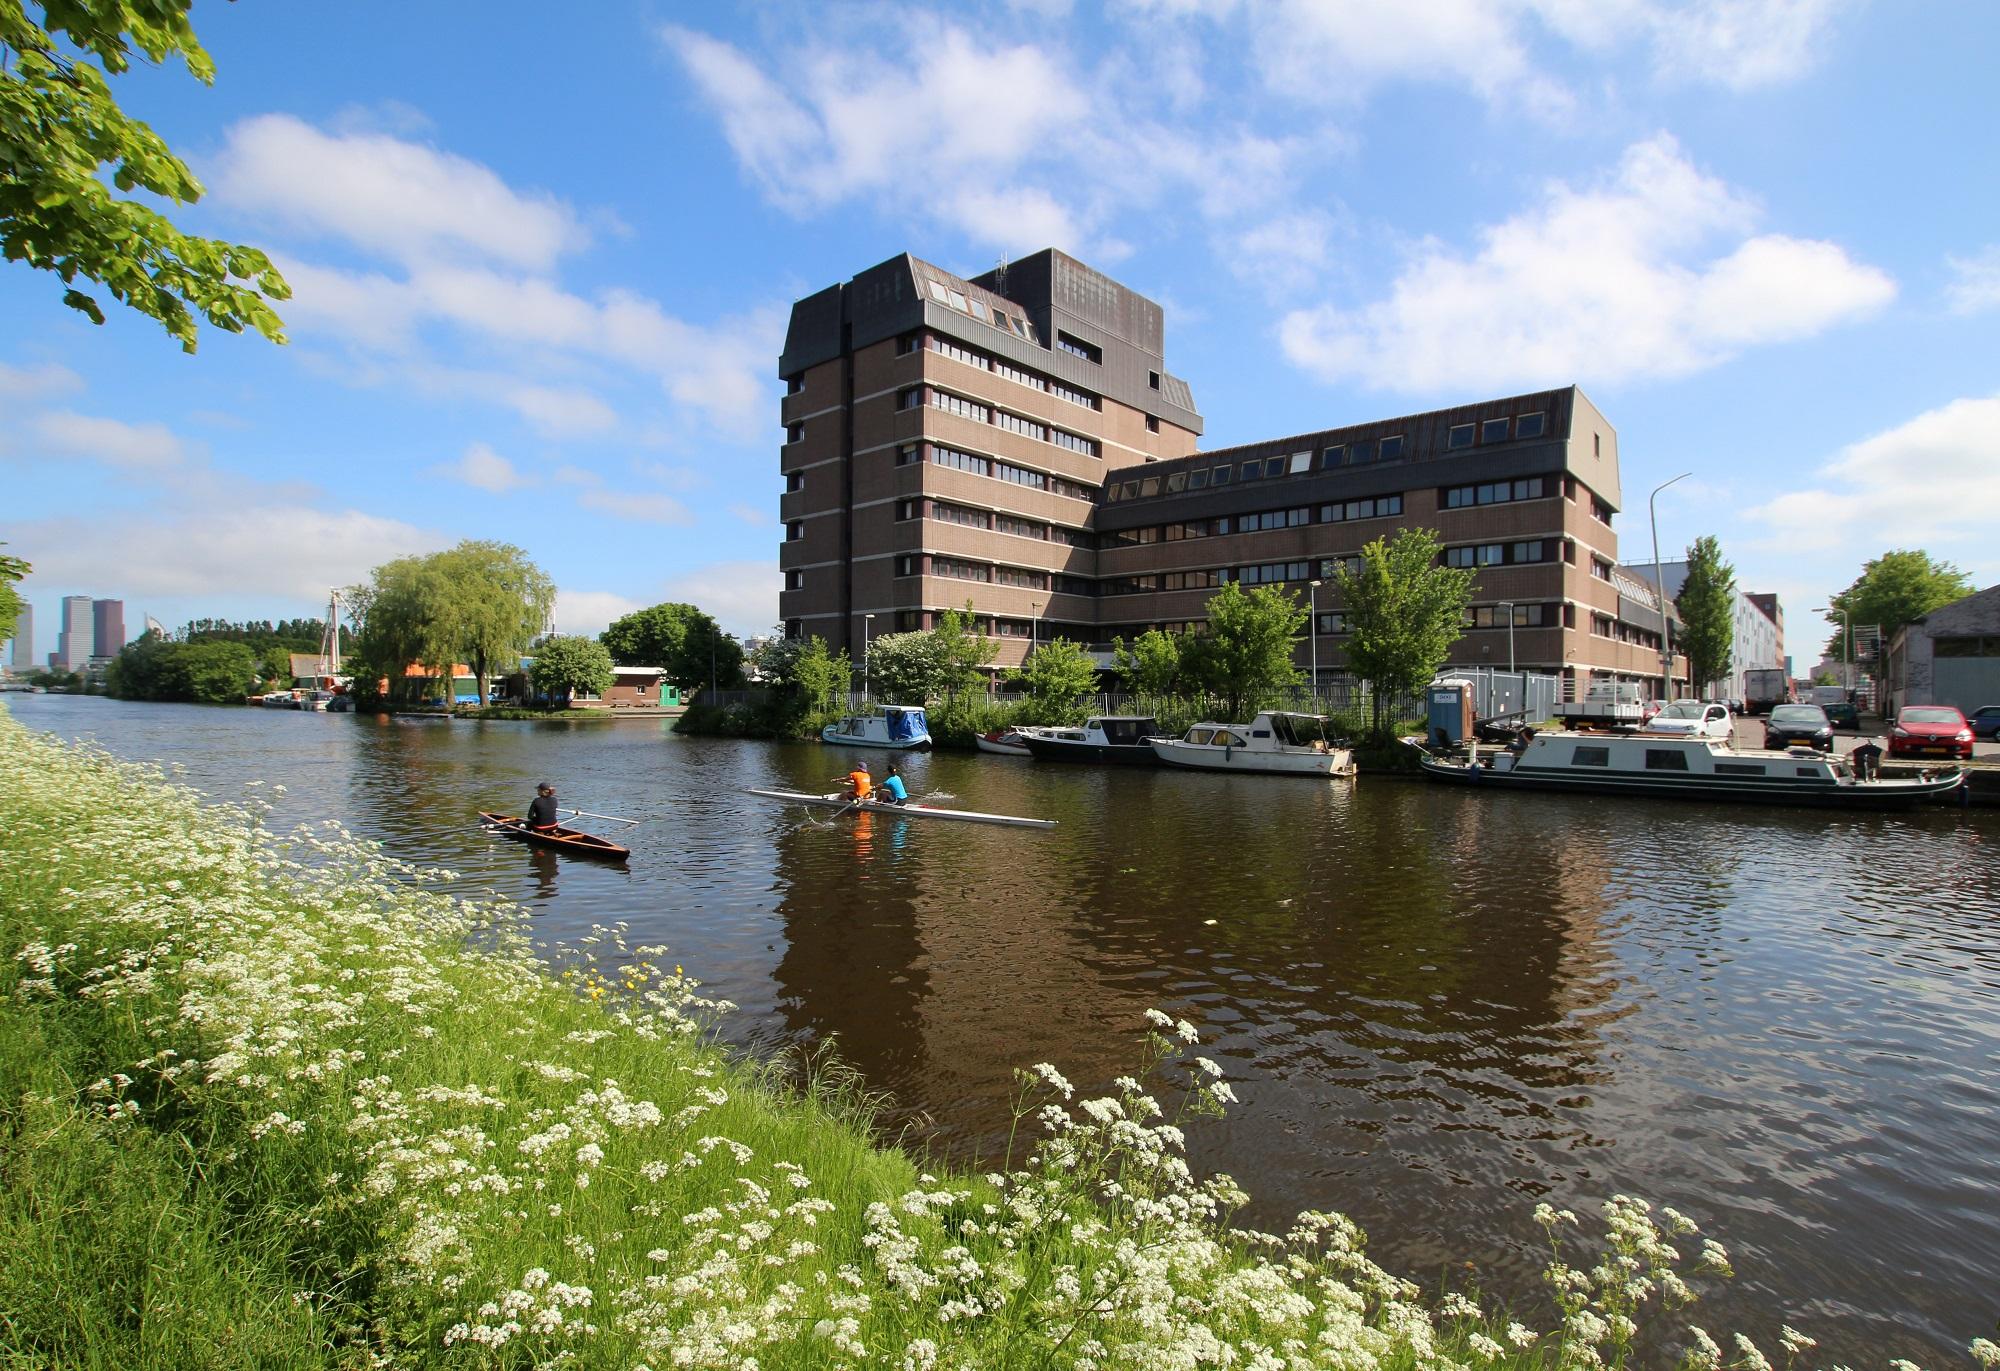 Junoblok Den Haag